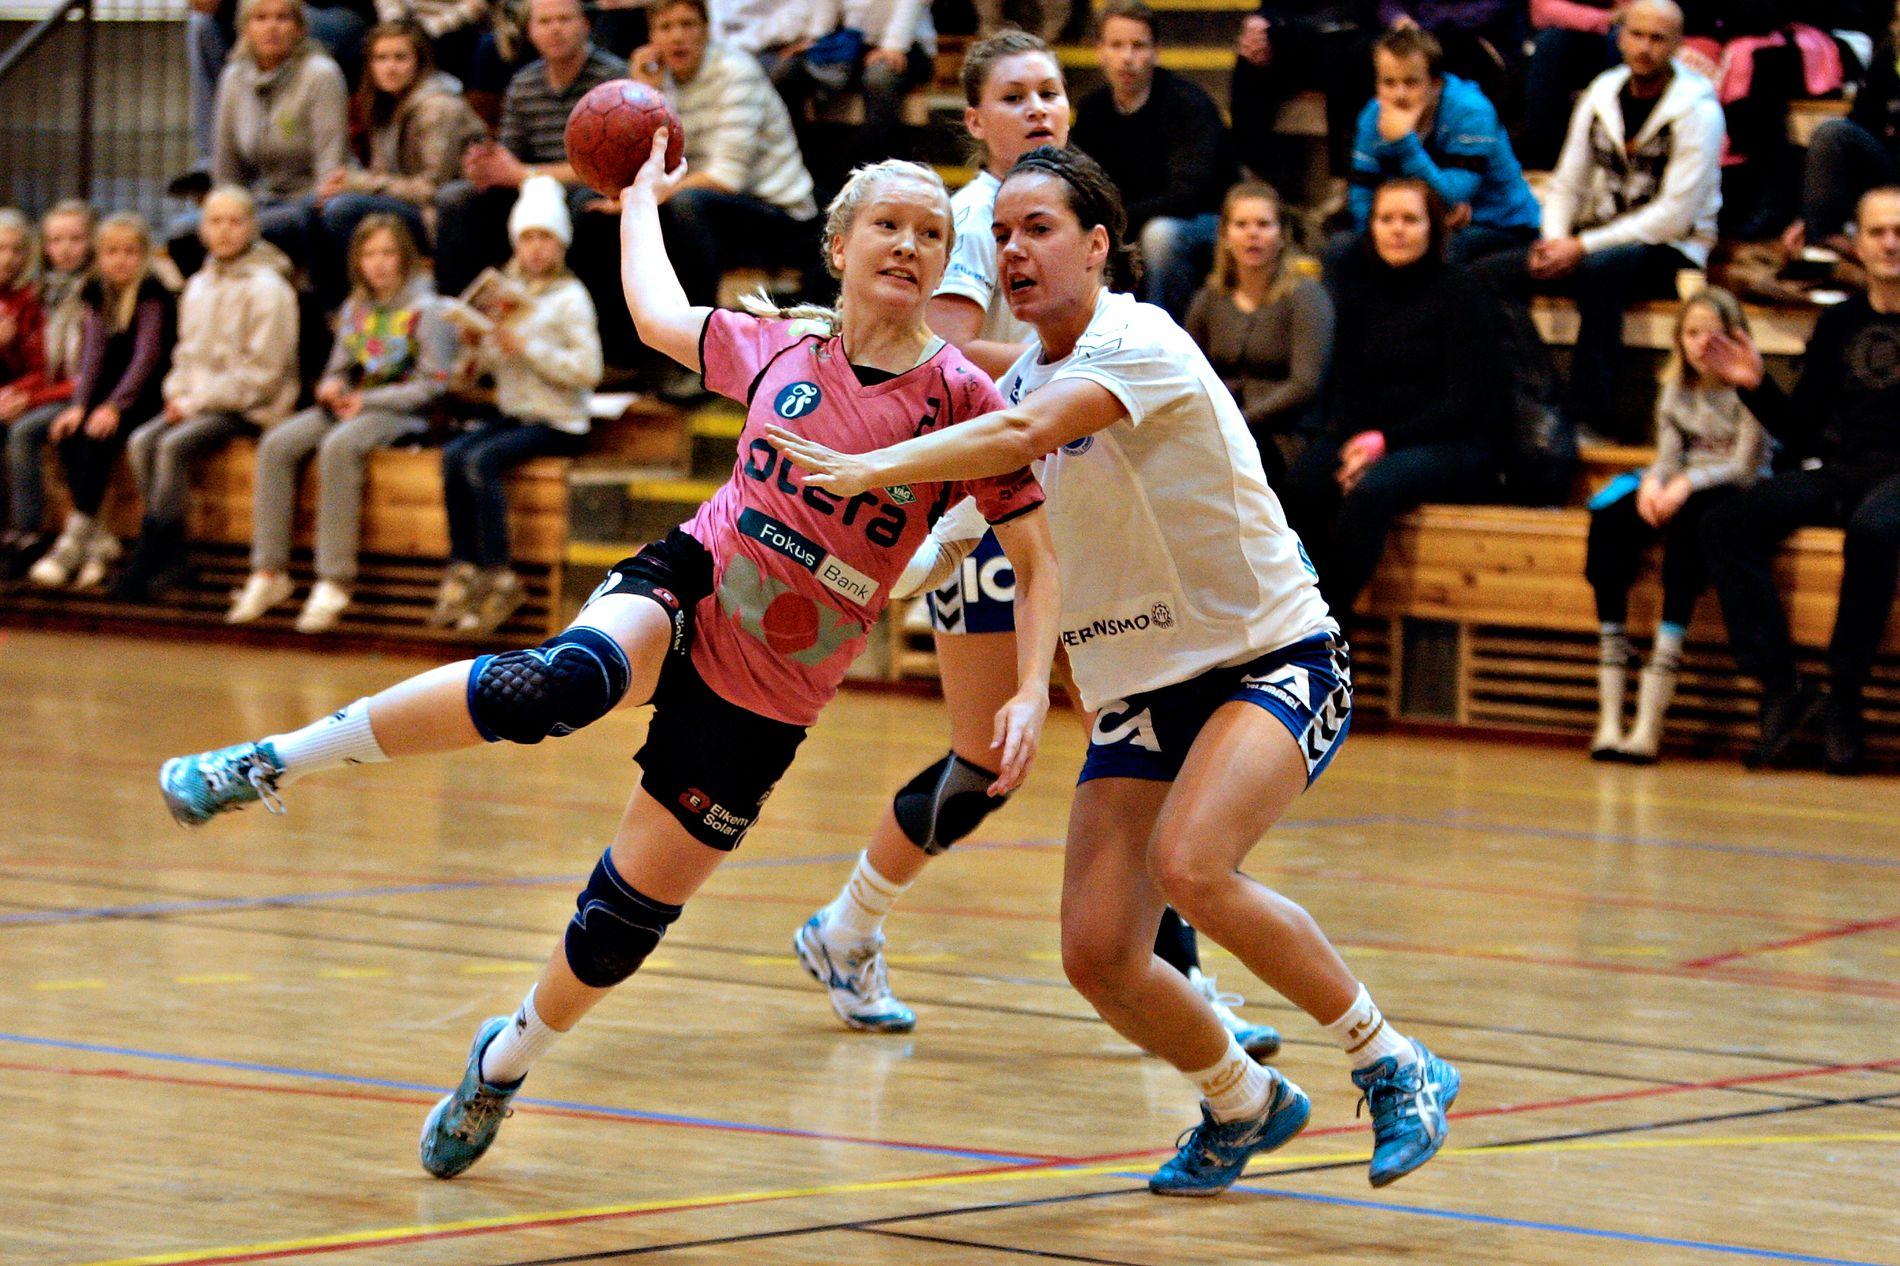 Våg Vipers byttet navn til Vipers Kristiansand sommeren 2009. Formålet var å signalisere at de er et lag for hele Sørlandet og ikke bare en bydelsklubb. Samtidig fikk laget rosa drakter. Bildet viser Lindy Malene Kelly Taraldsen i kamp med Nordstrand-forsvaret.